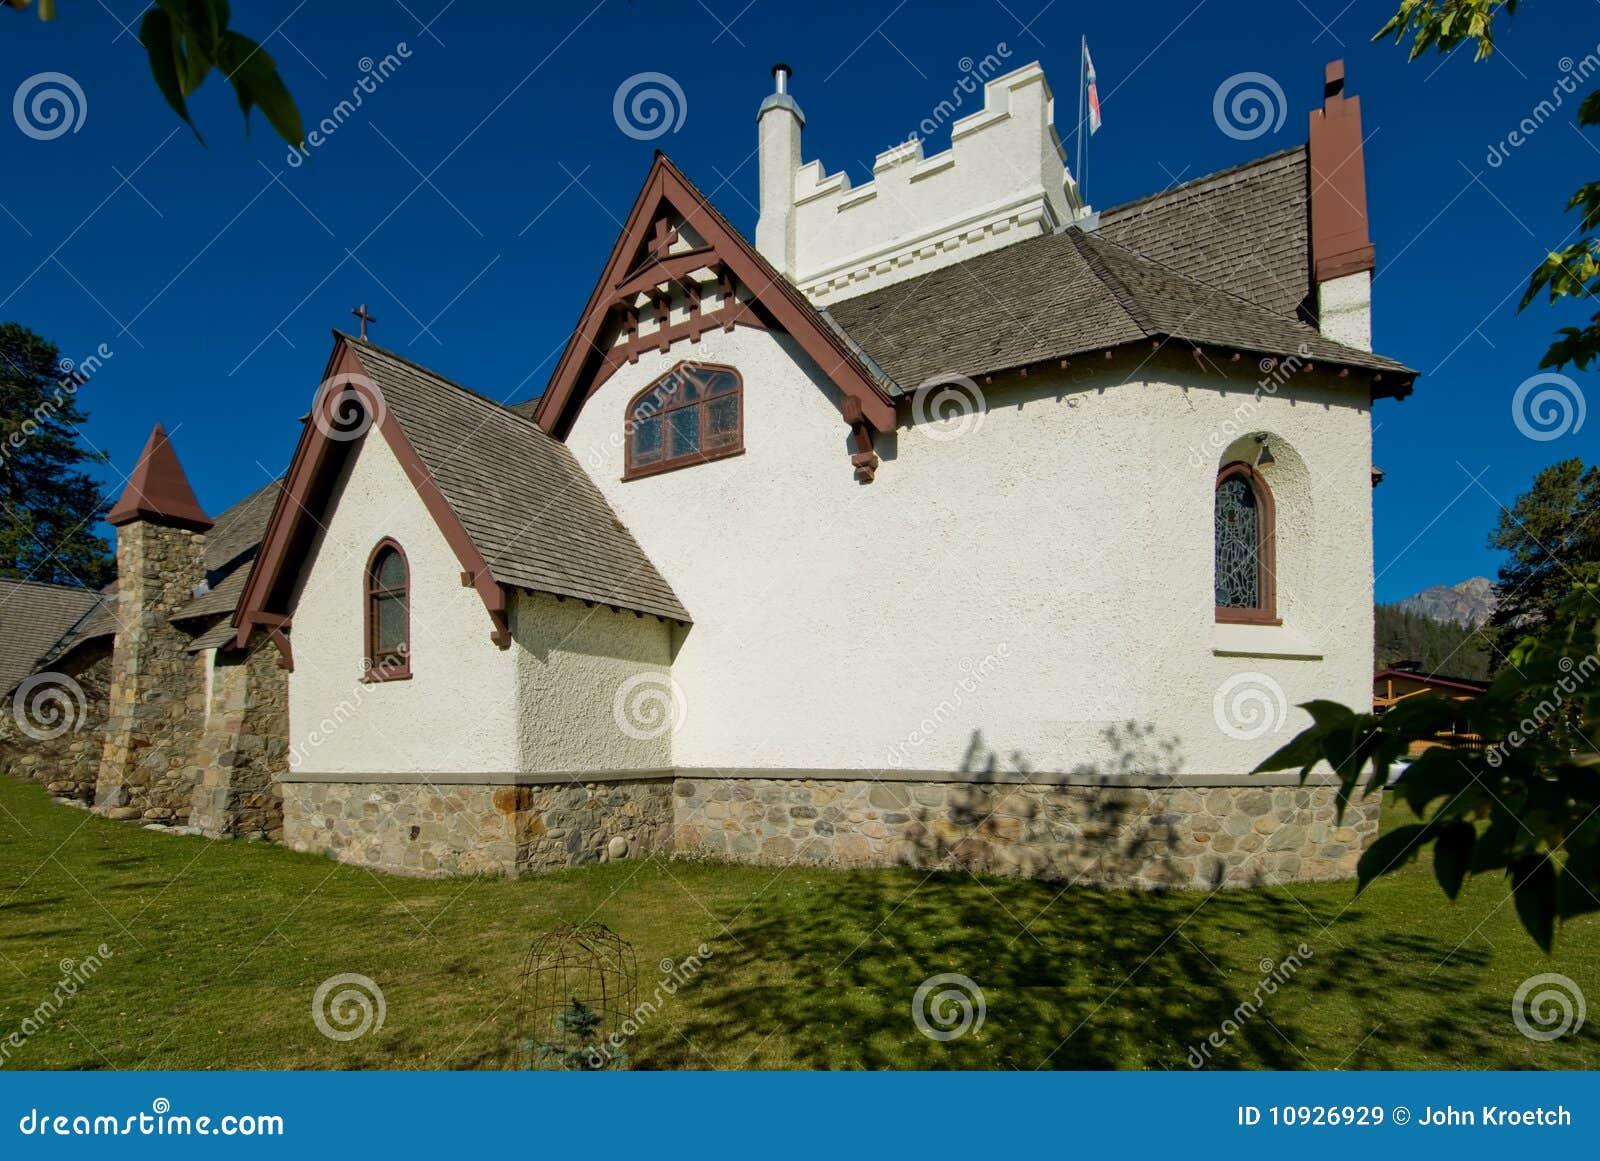 яшма церков alberta привлекательно старомодный